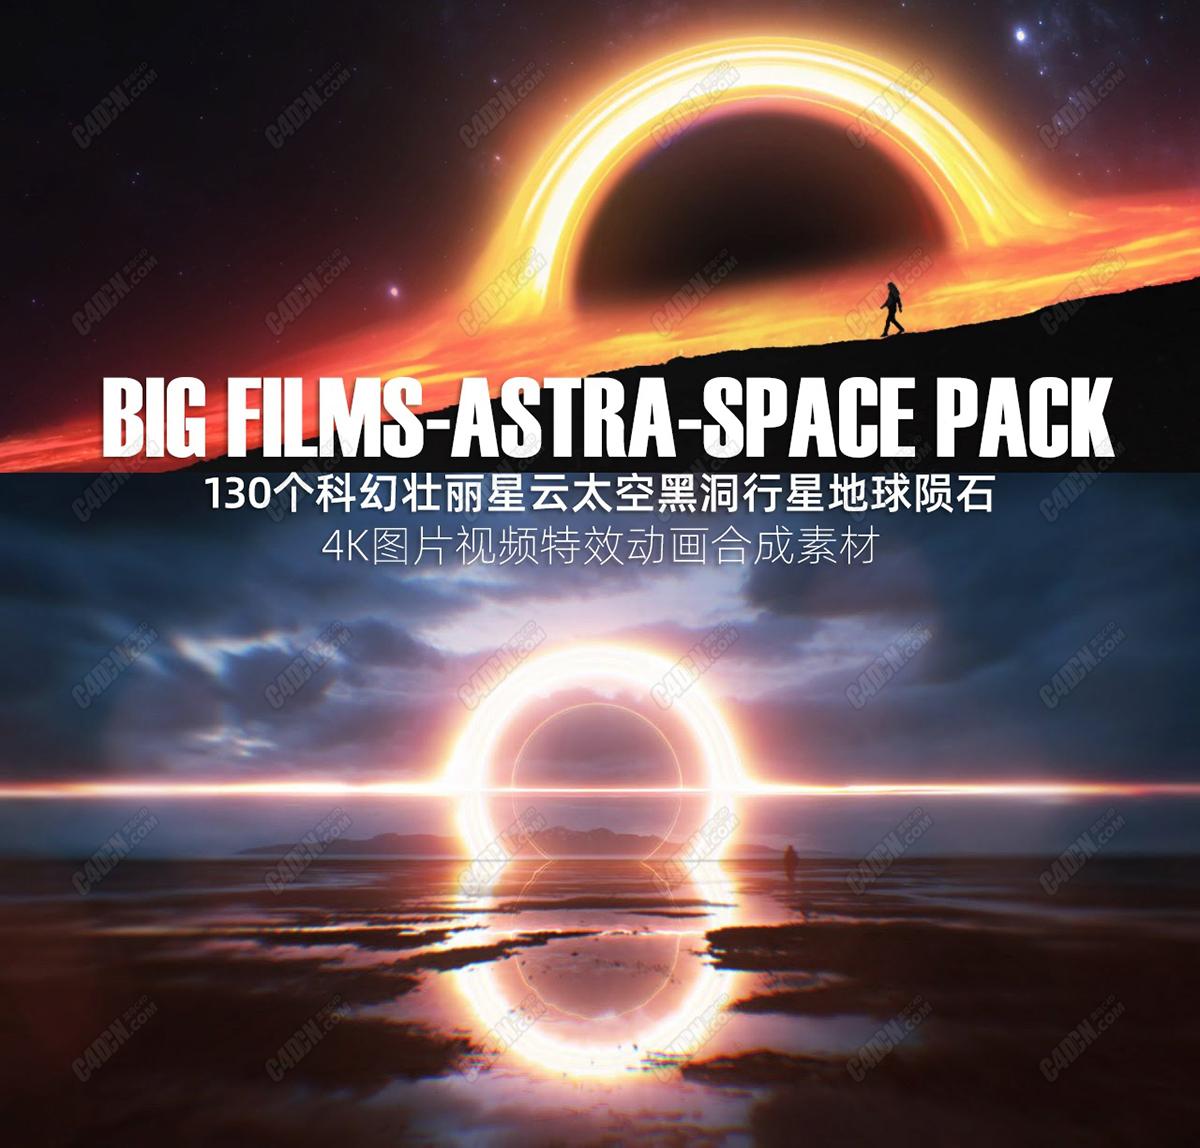 15G超大浩瀚宇宙太空星云黑洞深空星球天体视频特效合成素材合集